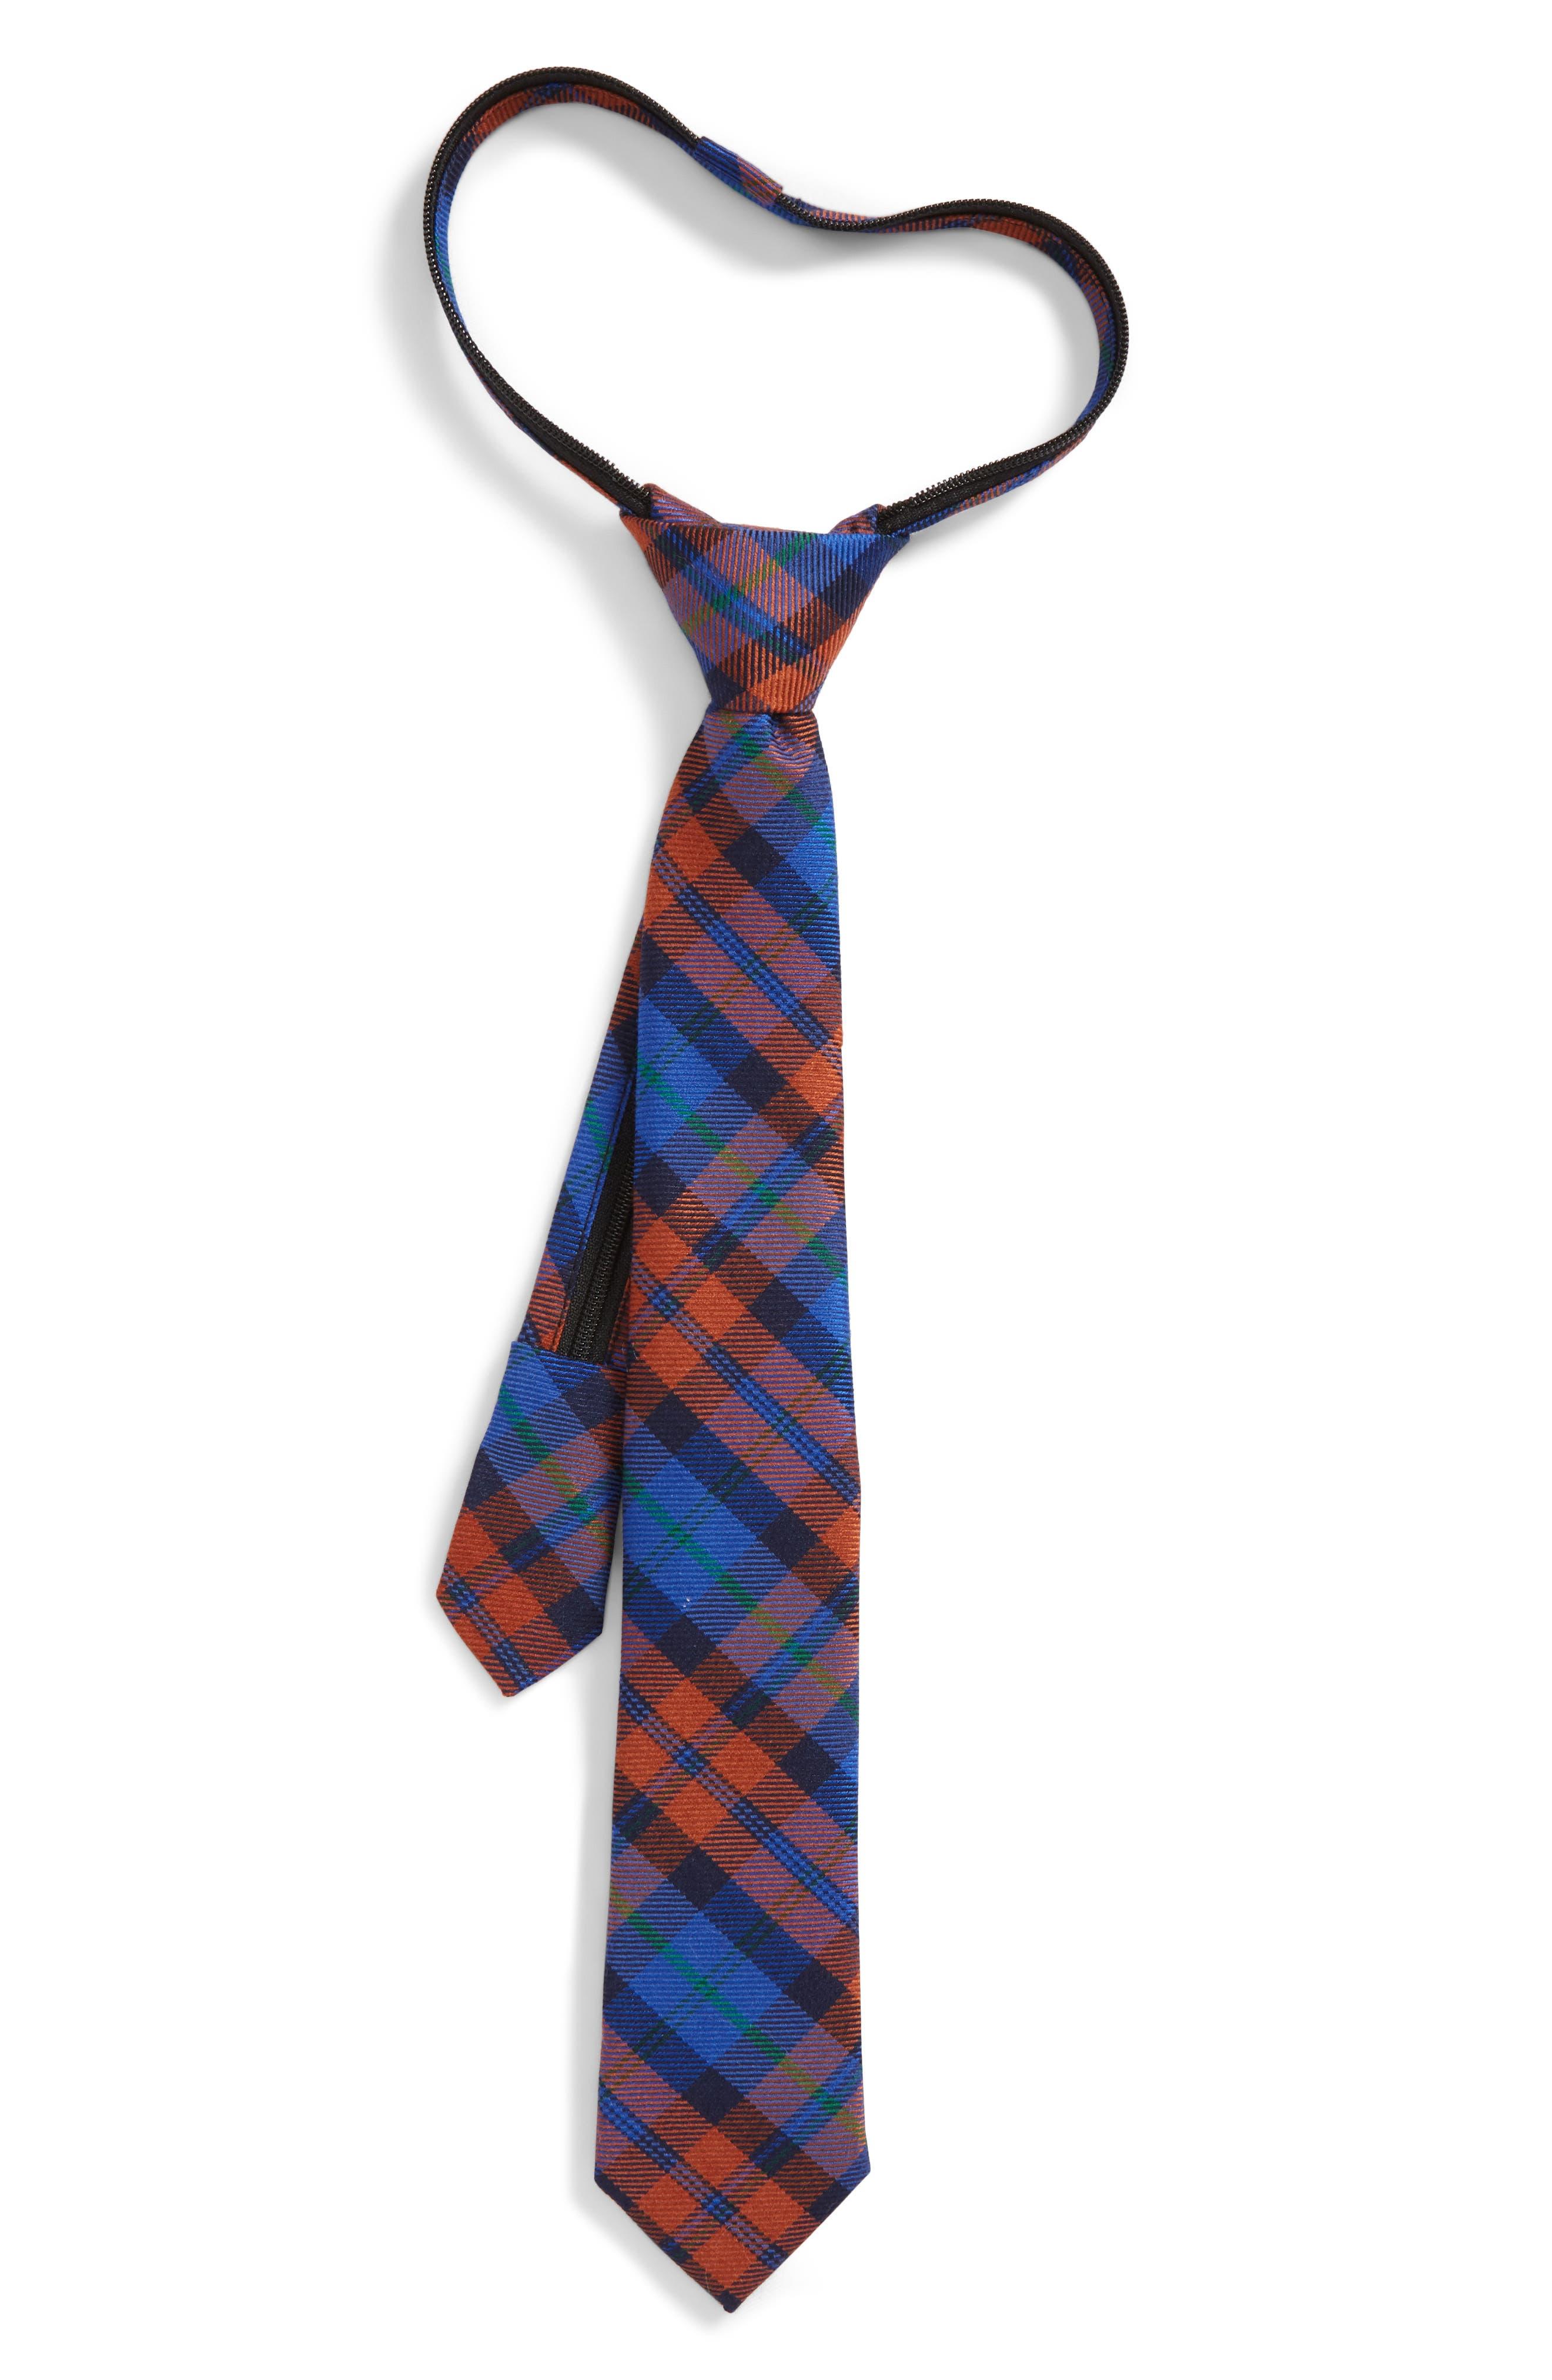 Plaid Wool & Silk Zip Tie,                         Main,                         color, Orange